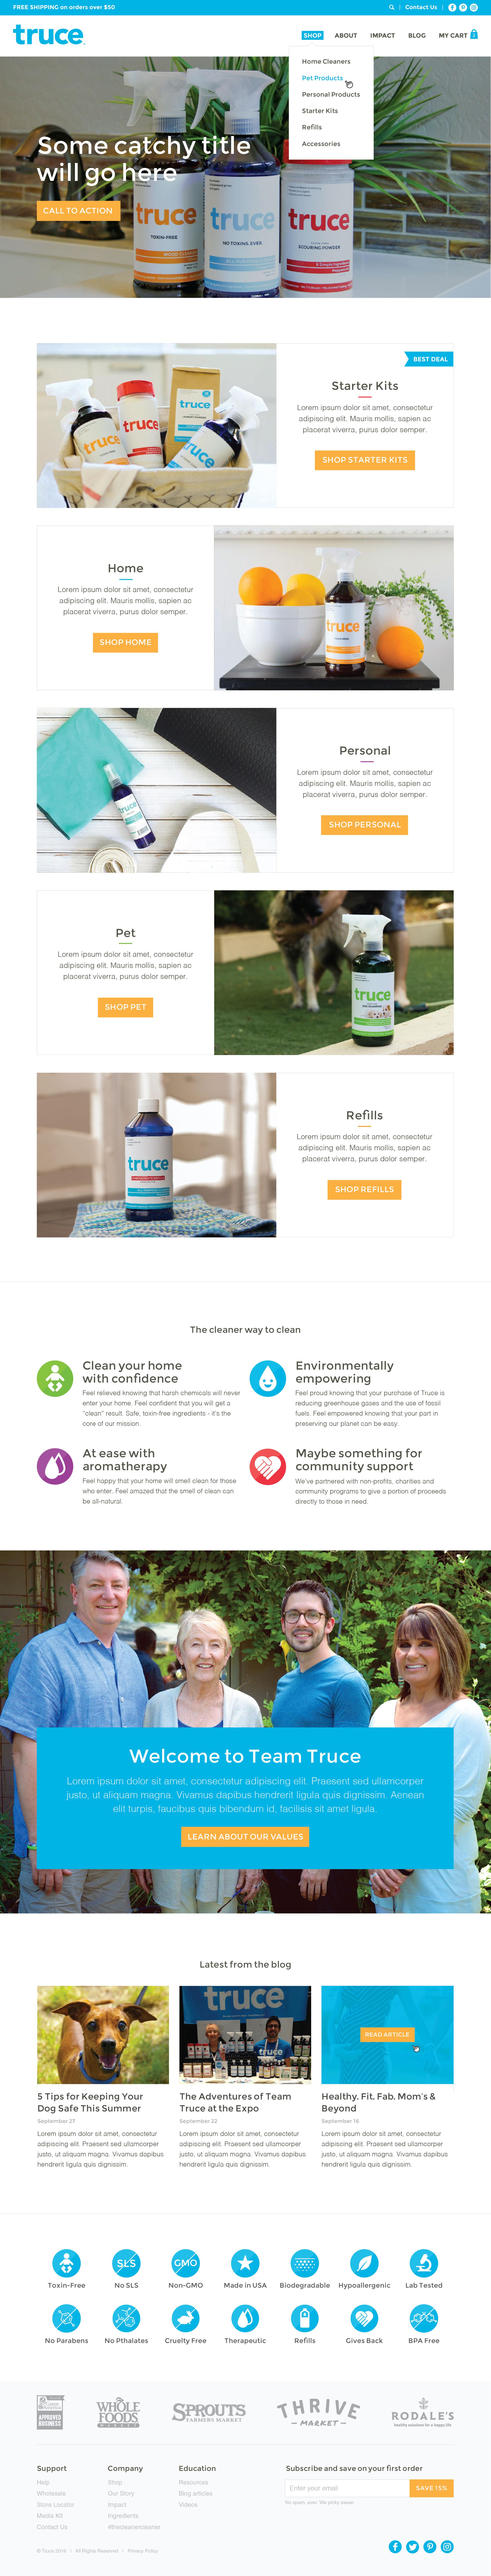 Hopscratch-Marketing-Stories.jpg